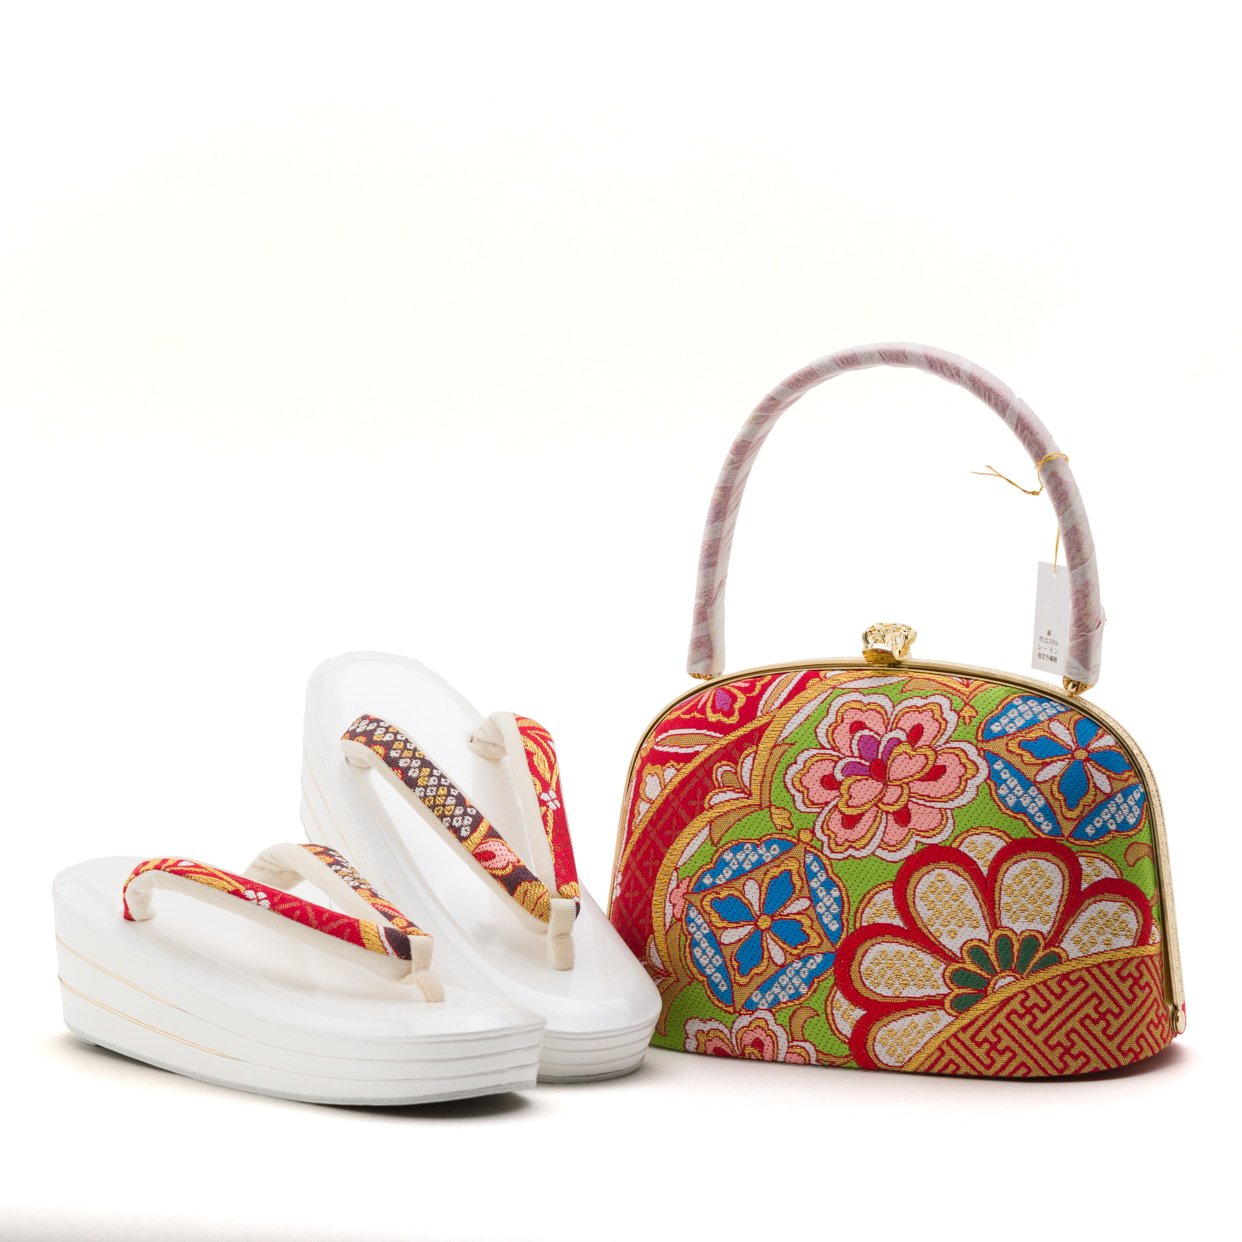 「アウトレット 西陣織 振袖用草履バッグセット 赤 菊」の商品画像